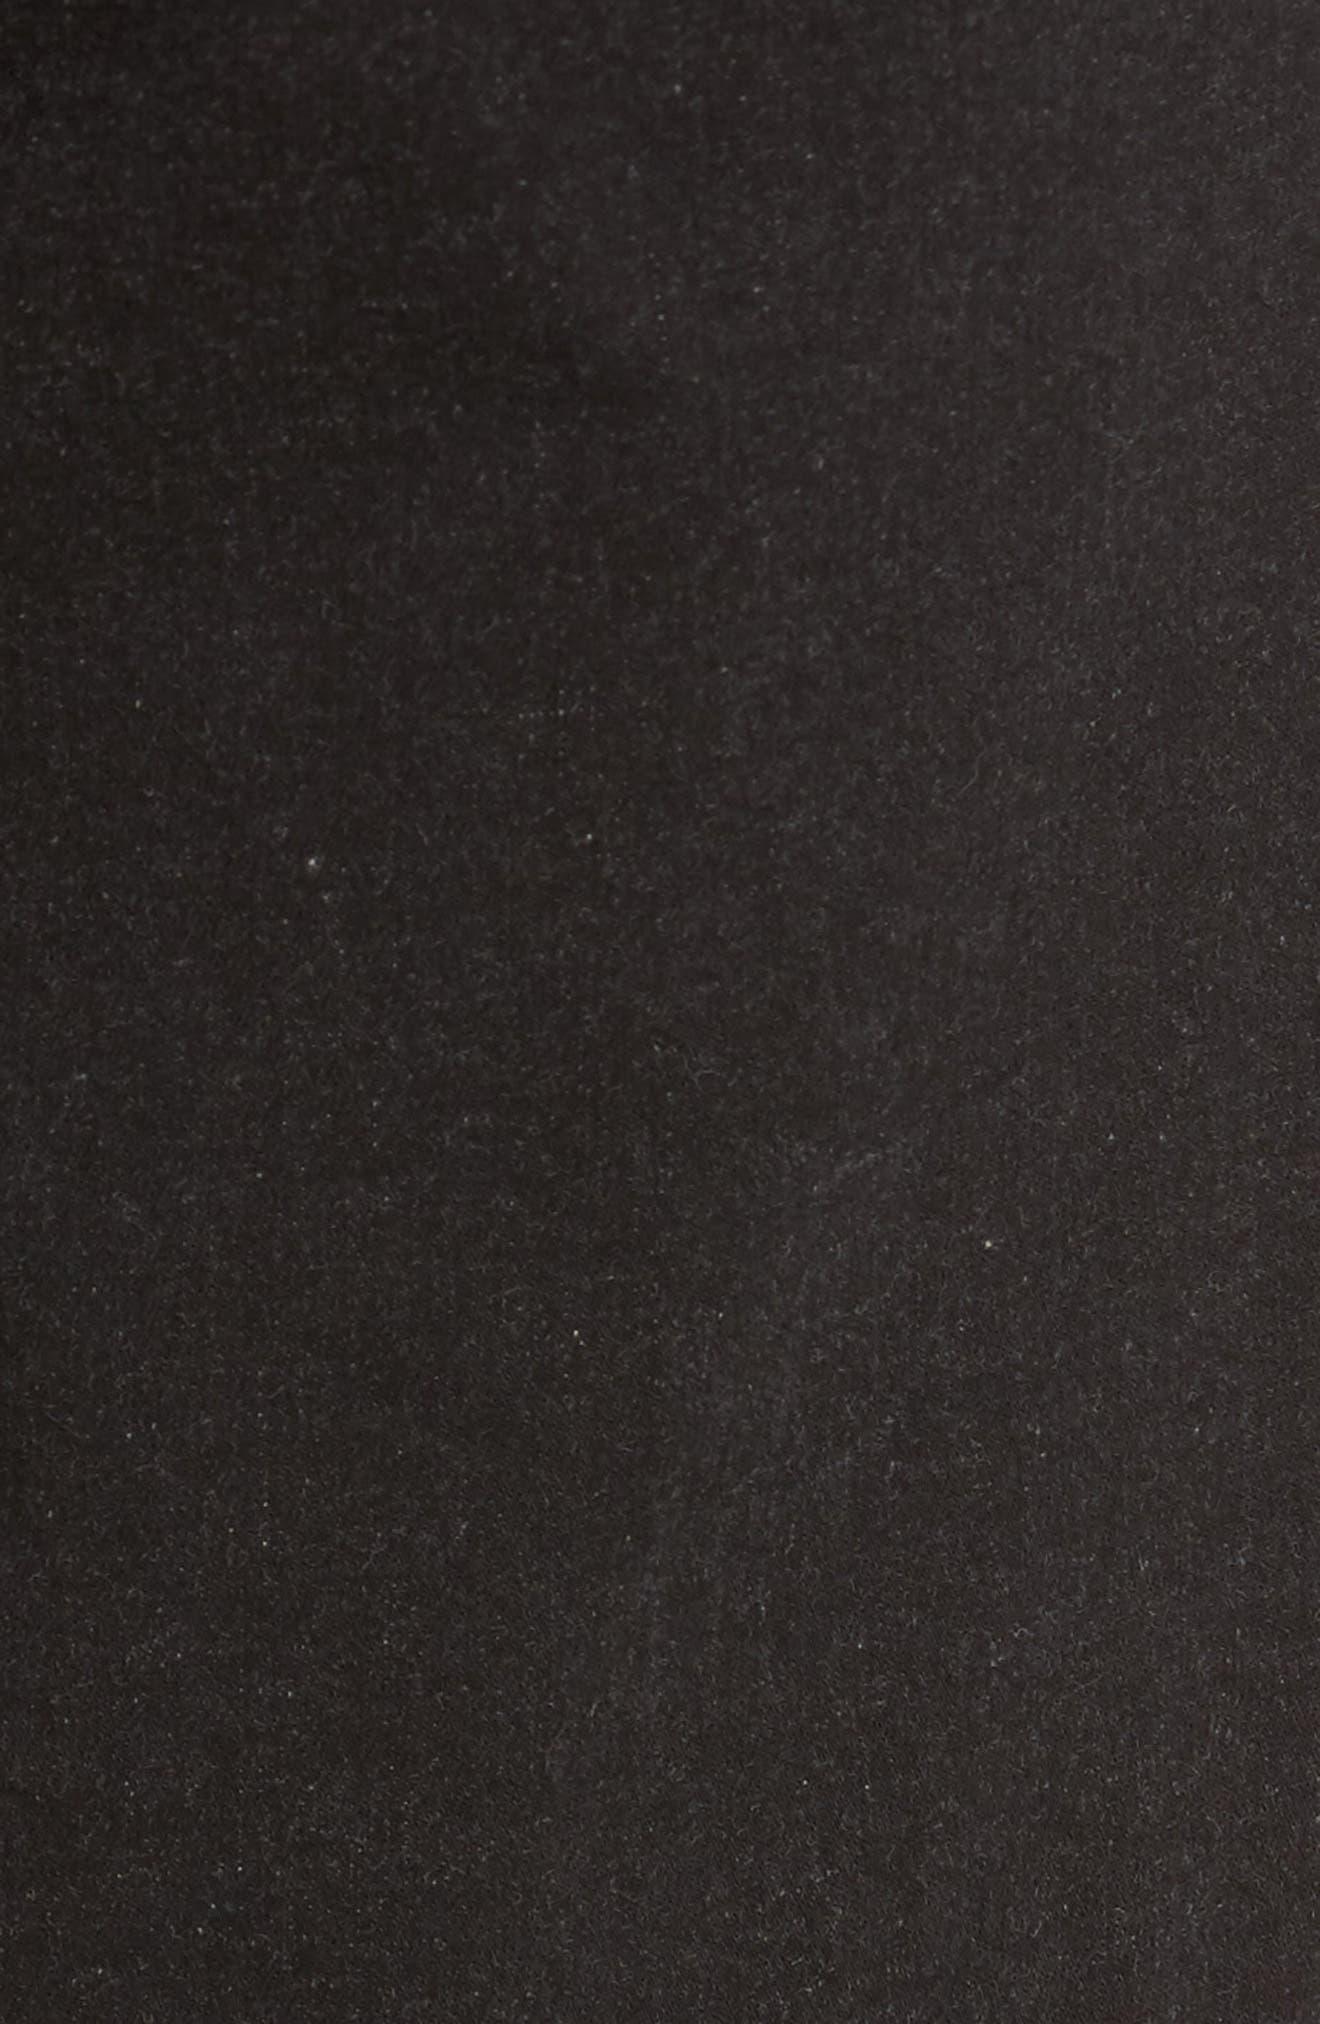 Sureshot Chino Shorts,                             Alternate thumbnail 5, color,                             BLACK WASH